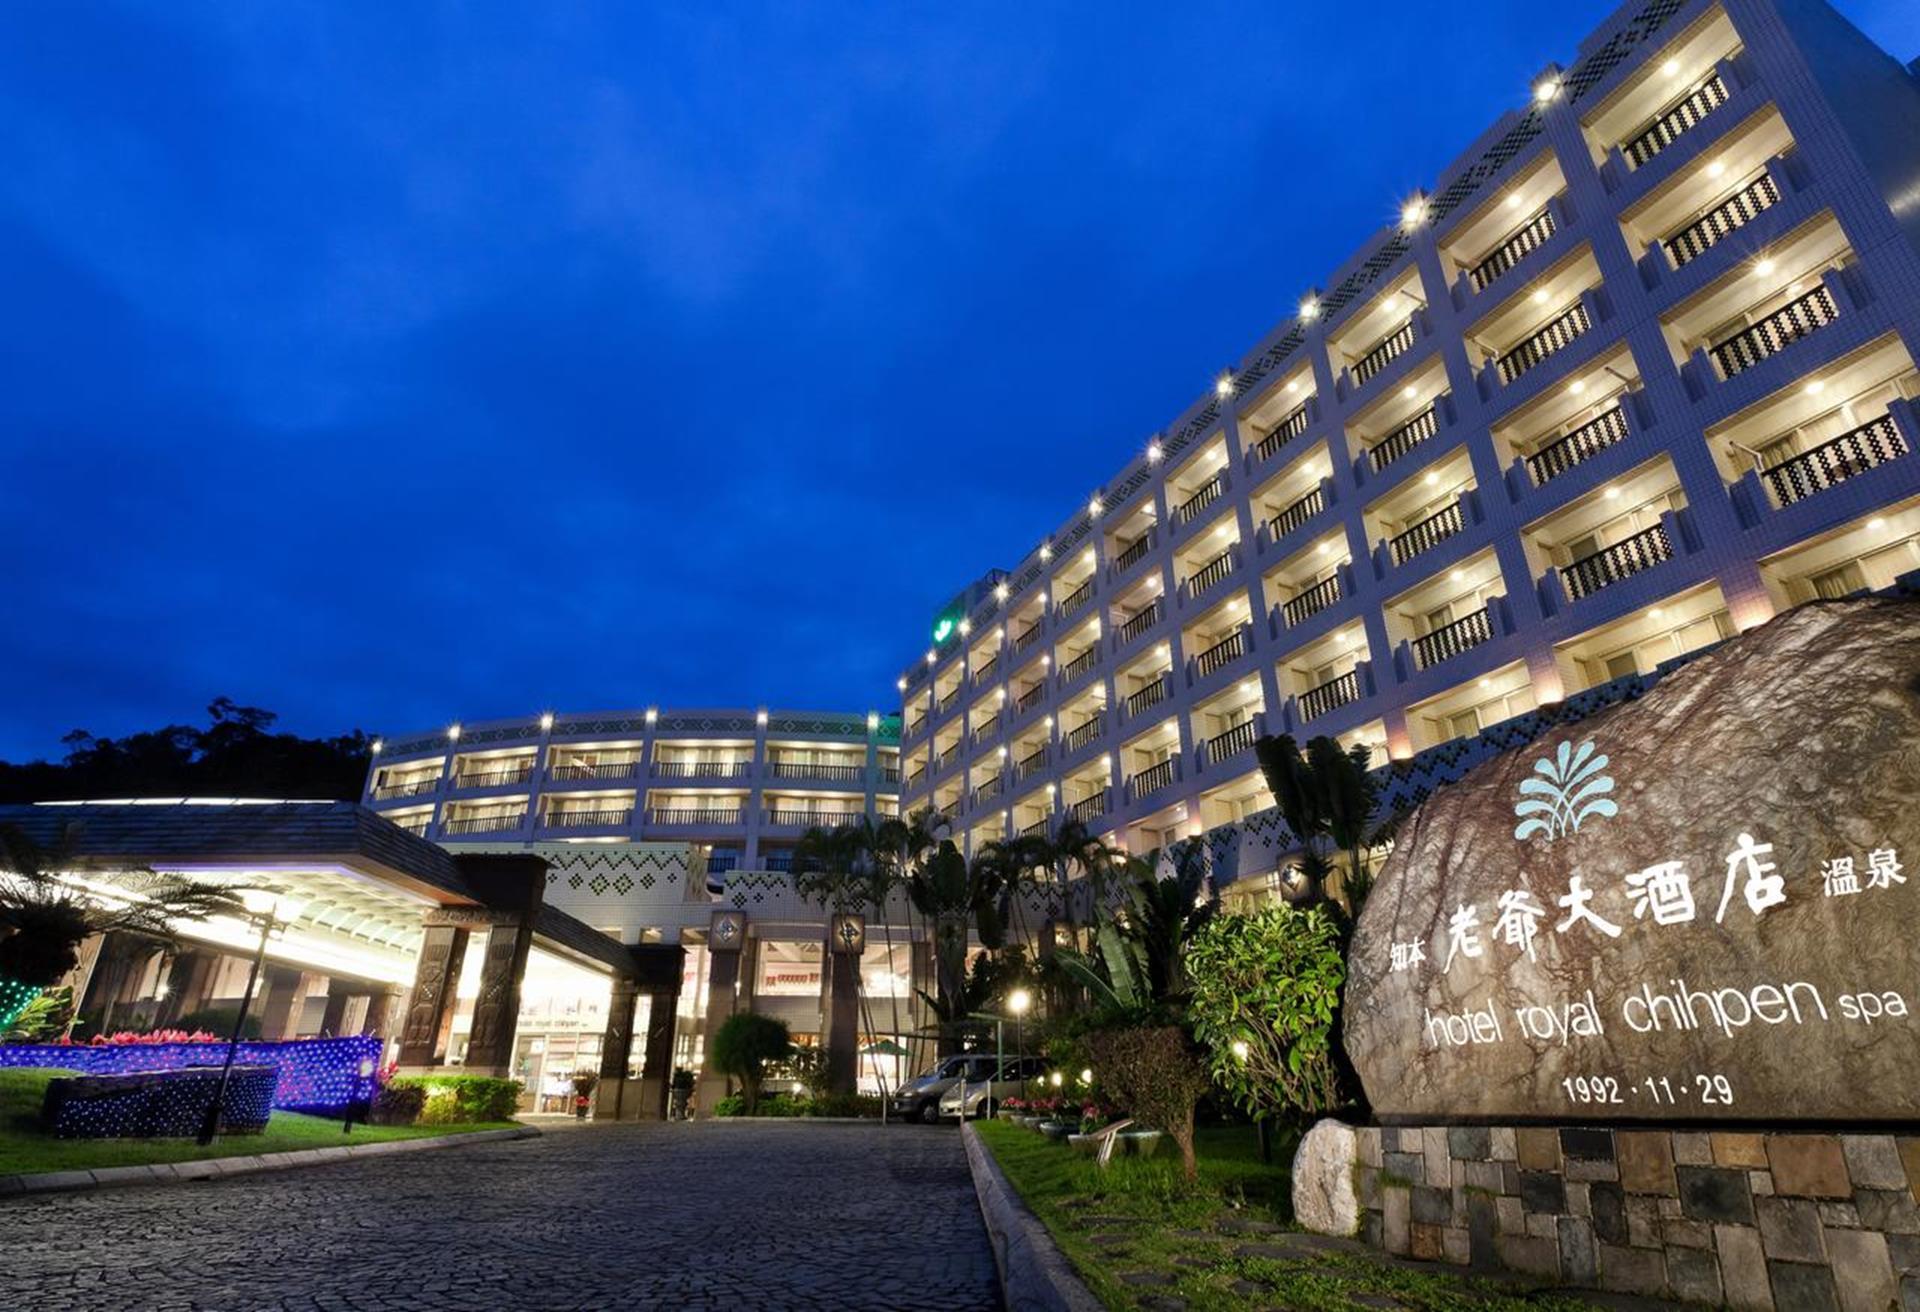 台東知本溫泉飯店推薦知本老爺大酒店